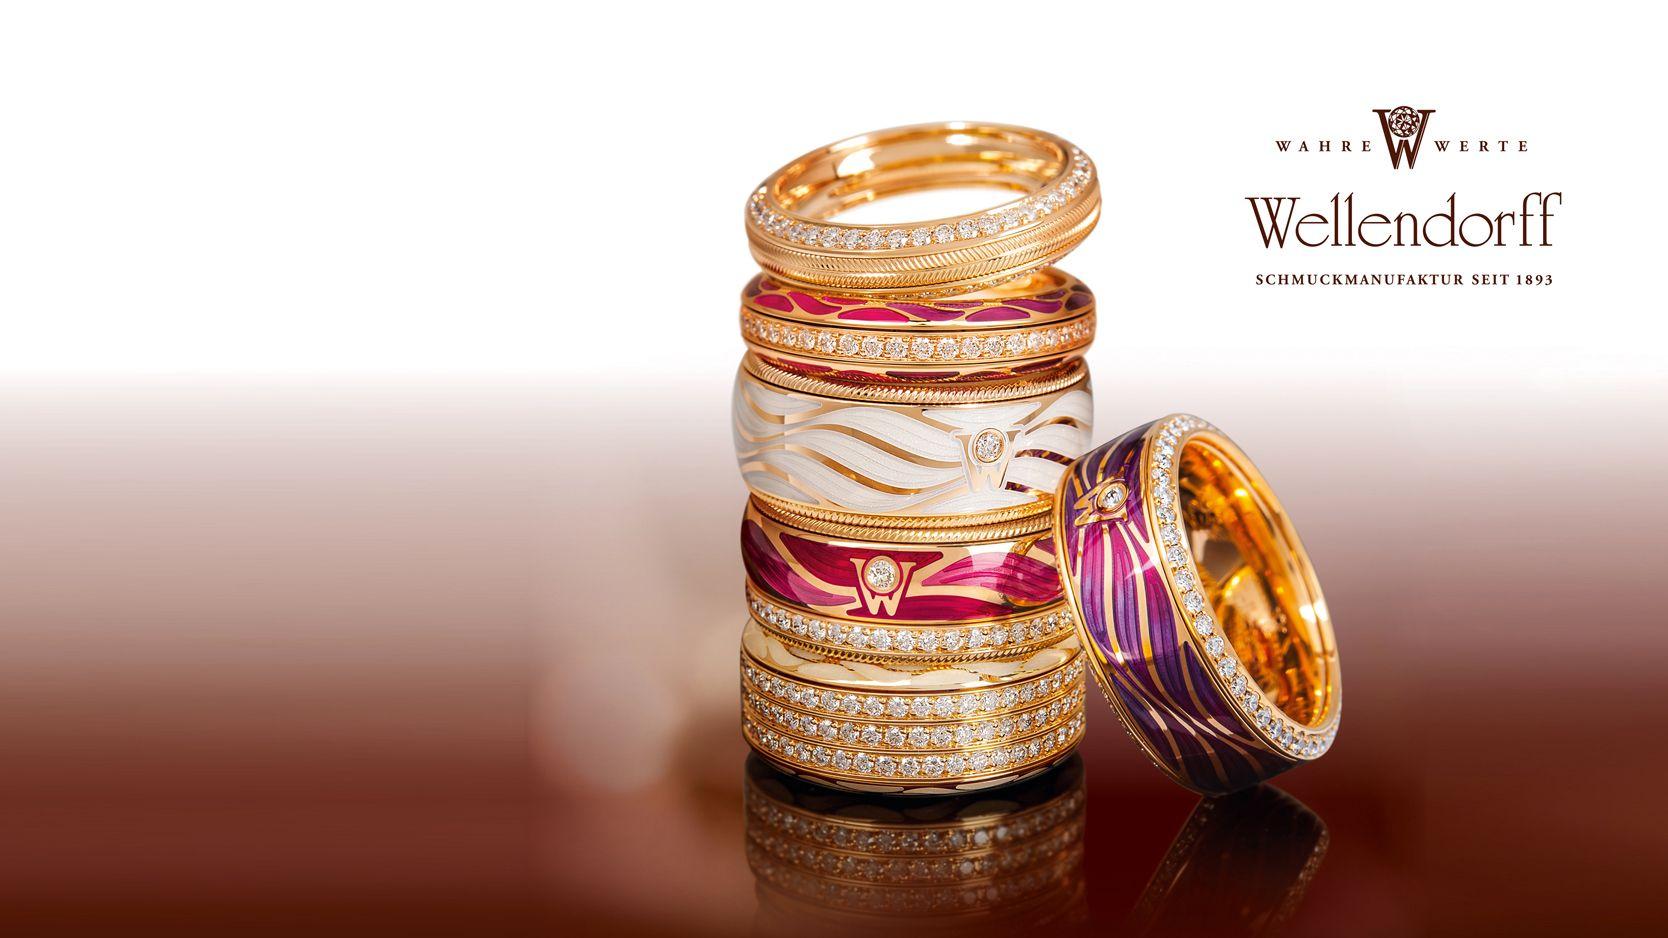 """Als offizieller Konzessionär von Wellendorff freuen wir uns sehr, Ihnen die neueste Kollektion """"Glücksgefühle"""" anbieten zu können. Die ersten Ringe sind bei uns eingetroffen, auf Lager und stehen somit sofort zur Ansicht oder für den Versand zur Verfügung."""